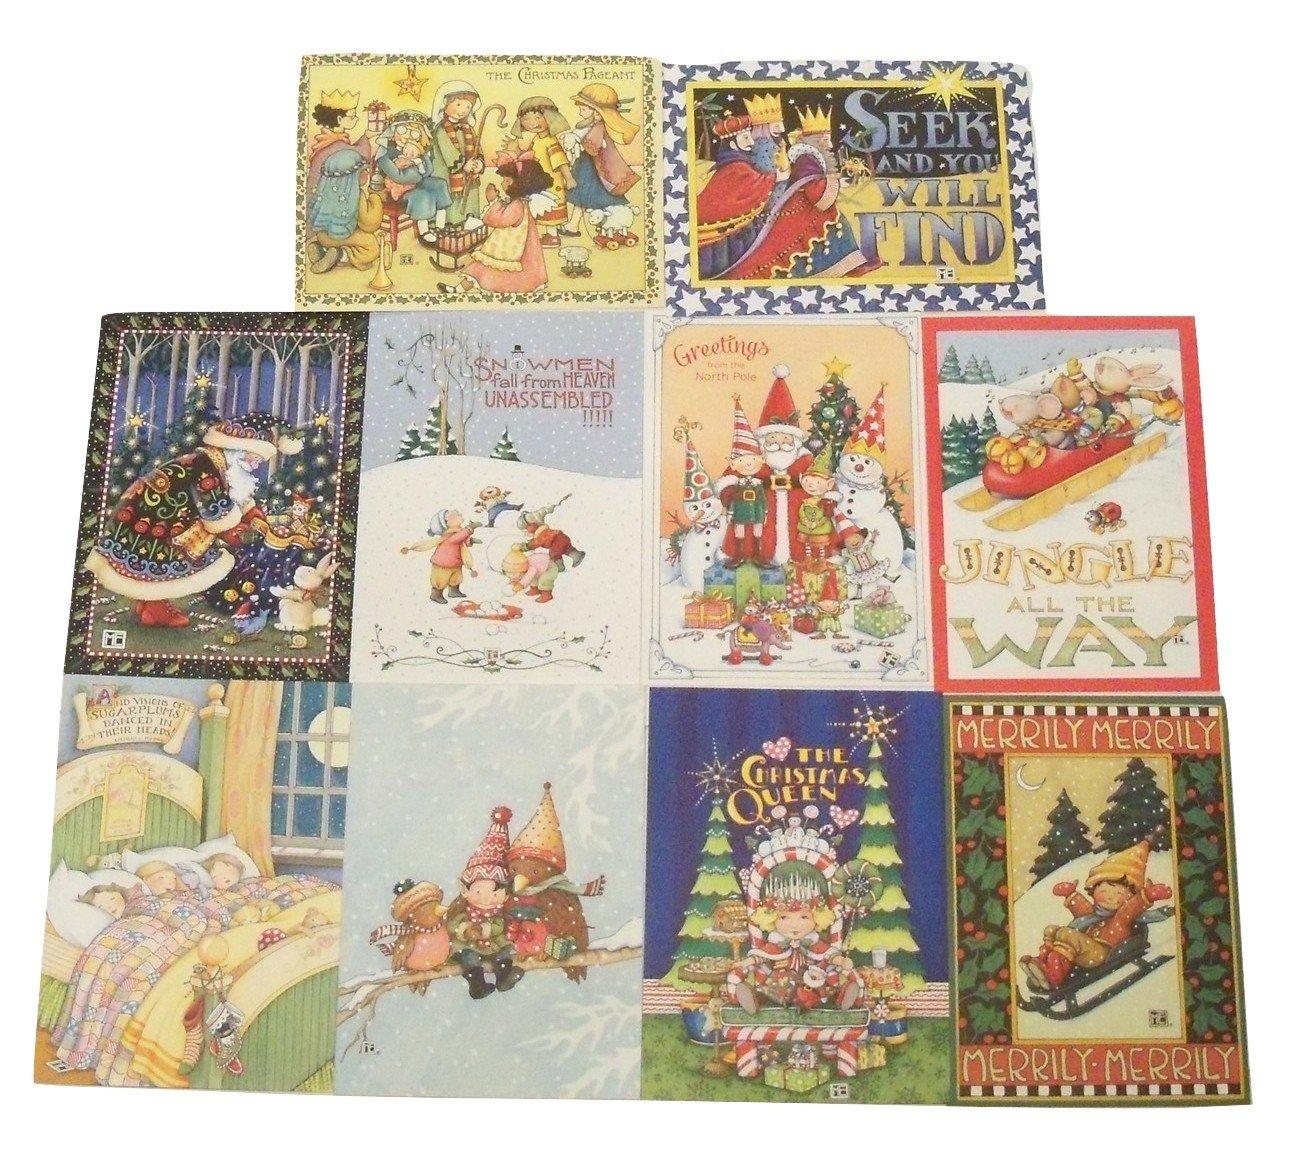 Amazon.com : Mary Engelbreit Christmas Card 10 Pack ~ The Christmas ...